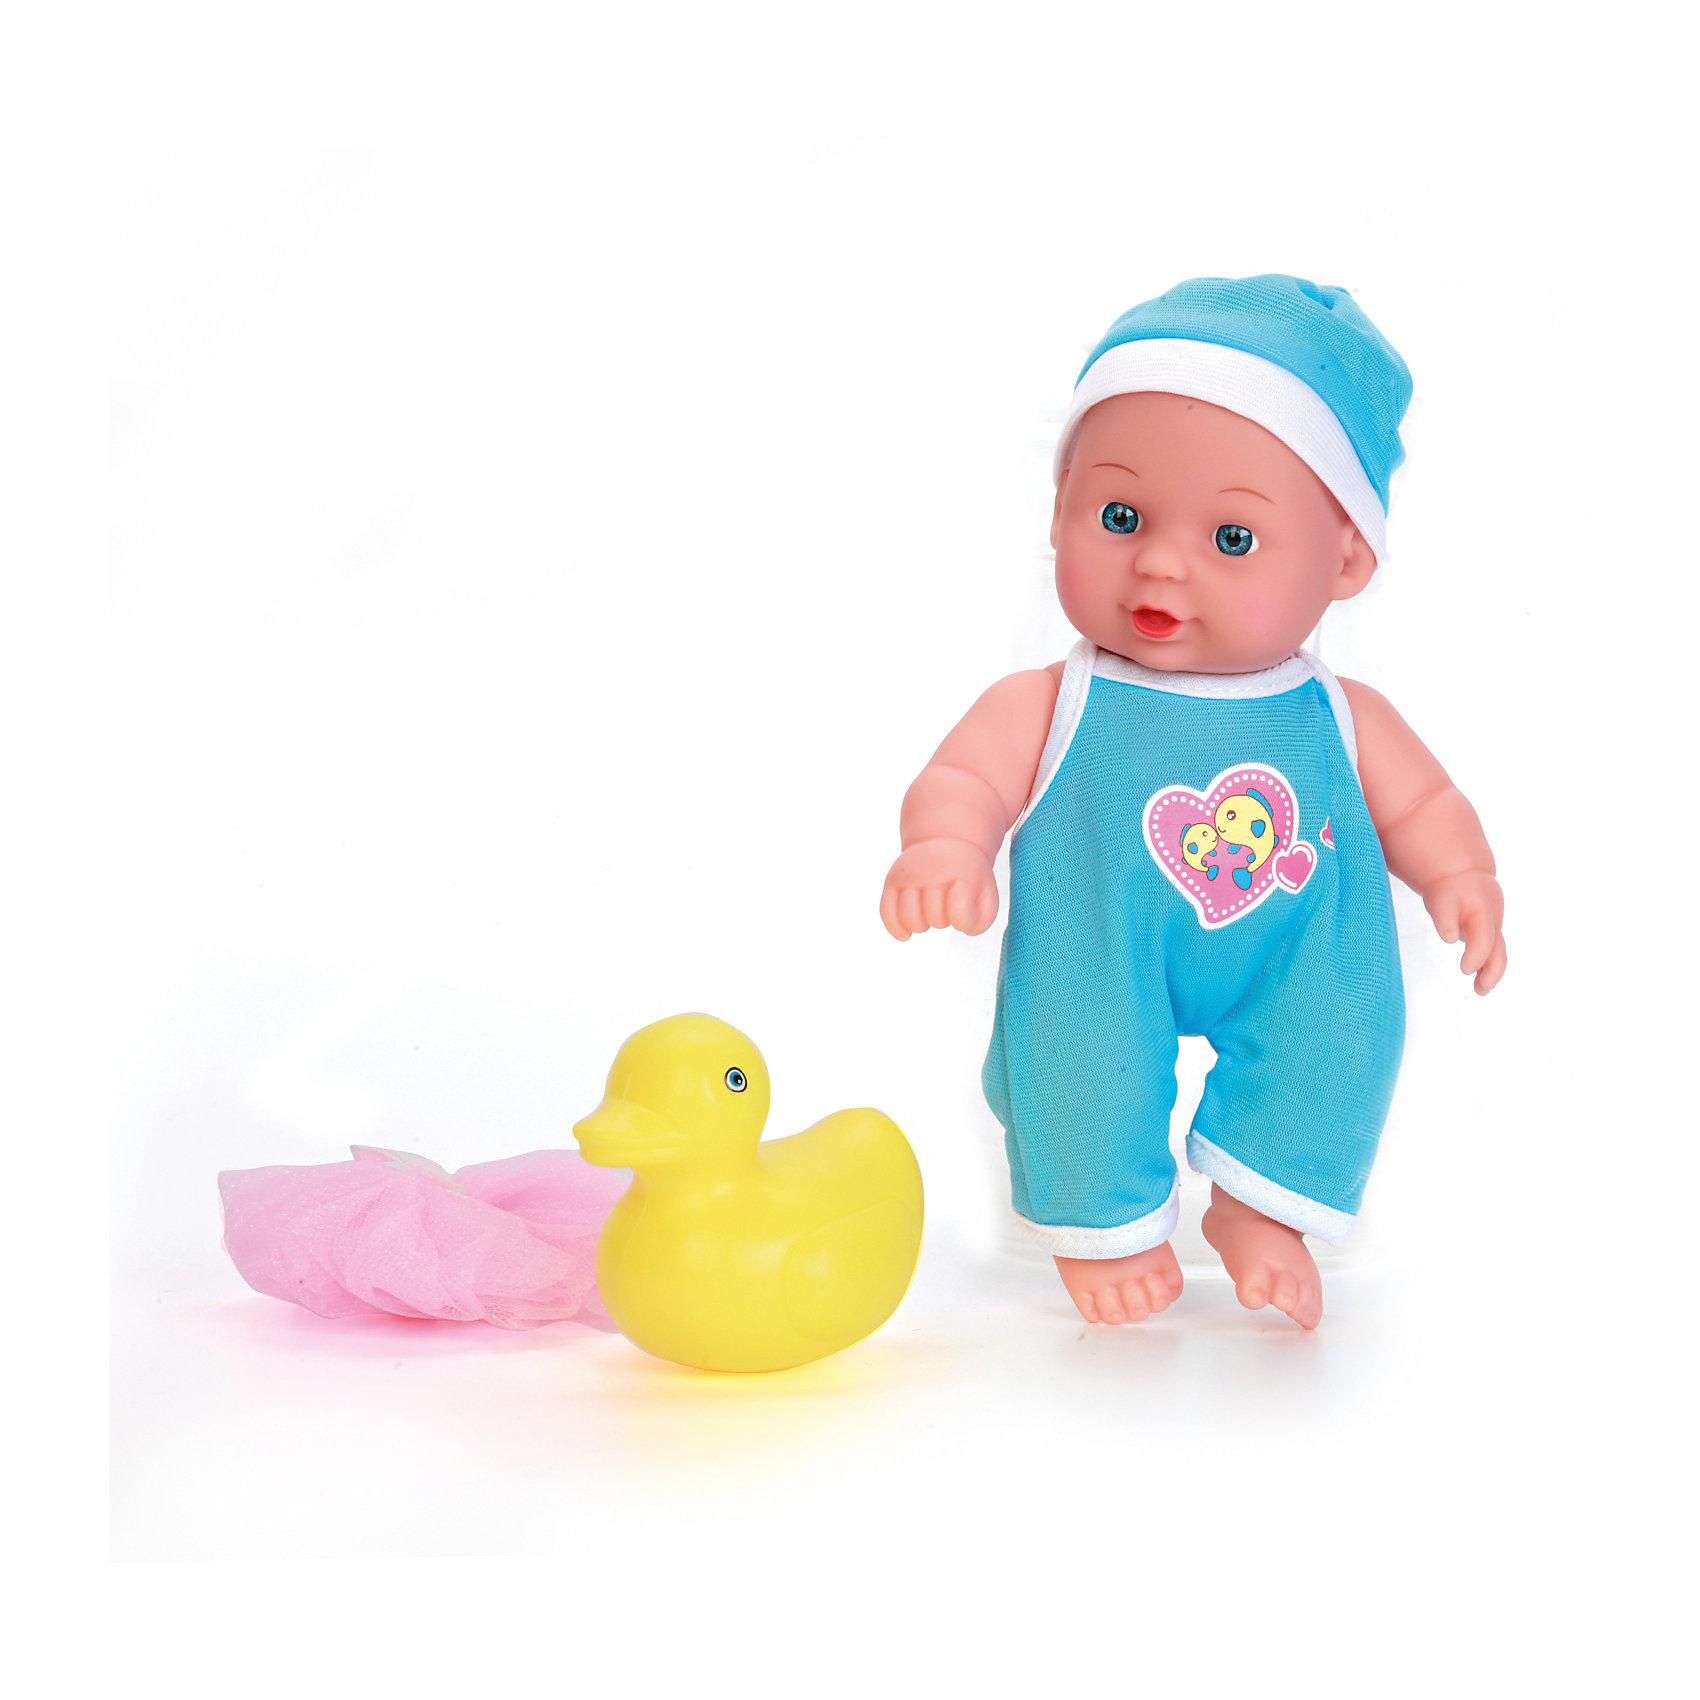 Пупс 20см с твердым телом, с ванночкой и аксессуарами, КарапузКуклы-пупсы<br>Этот милый пупс очень похож на настоящего младенца. О нем таки и хочется позаботится. У него твердое тело, подвижные ручки и ножки. Пупс одет в костюмчик и шапочку. Его можно купать. В комплекте есть аксессуары для купания: ванночка, игрушка и мочалка.<br><br>Ширина мм: 91<br>Глубина мм: 98<br>Высота мм: 37<br>Вес г: 340<br>Возраст от месяцев: 36<br>Возраст до месяцев: 60<br>Пол: Женский<br>Возраст: Детский<br>SKU: 6863976